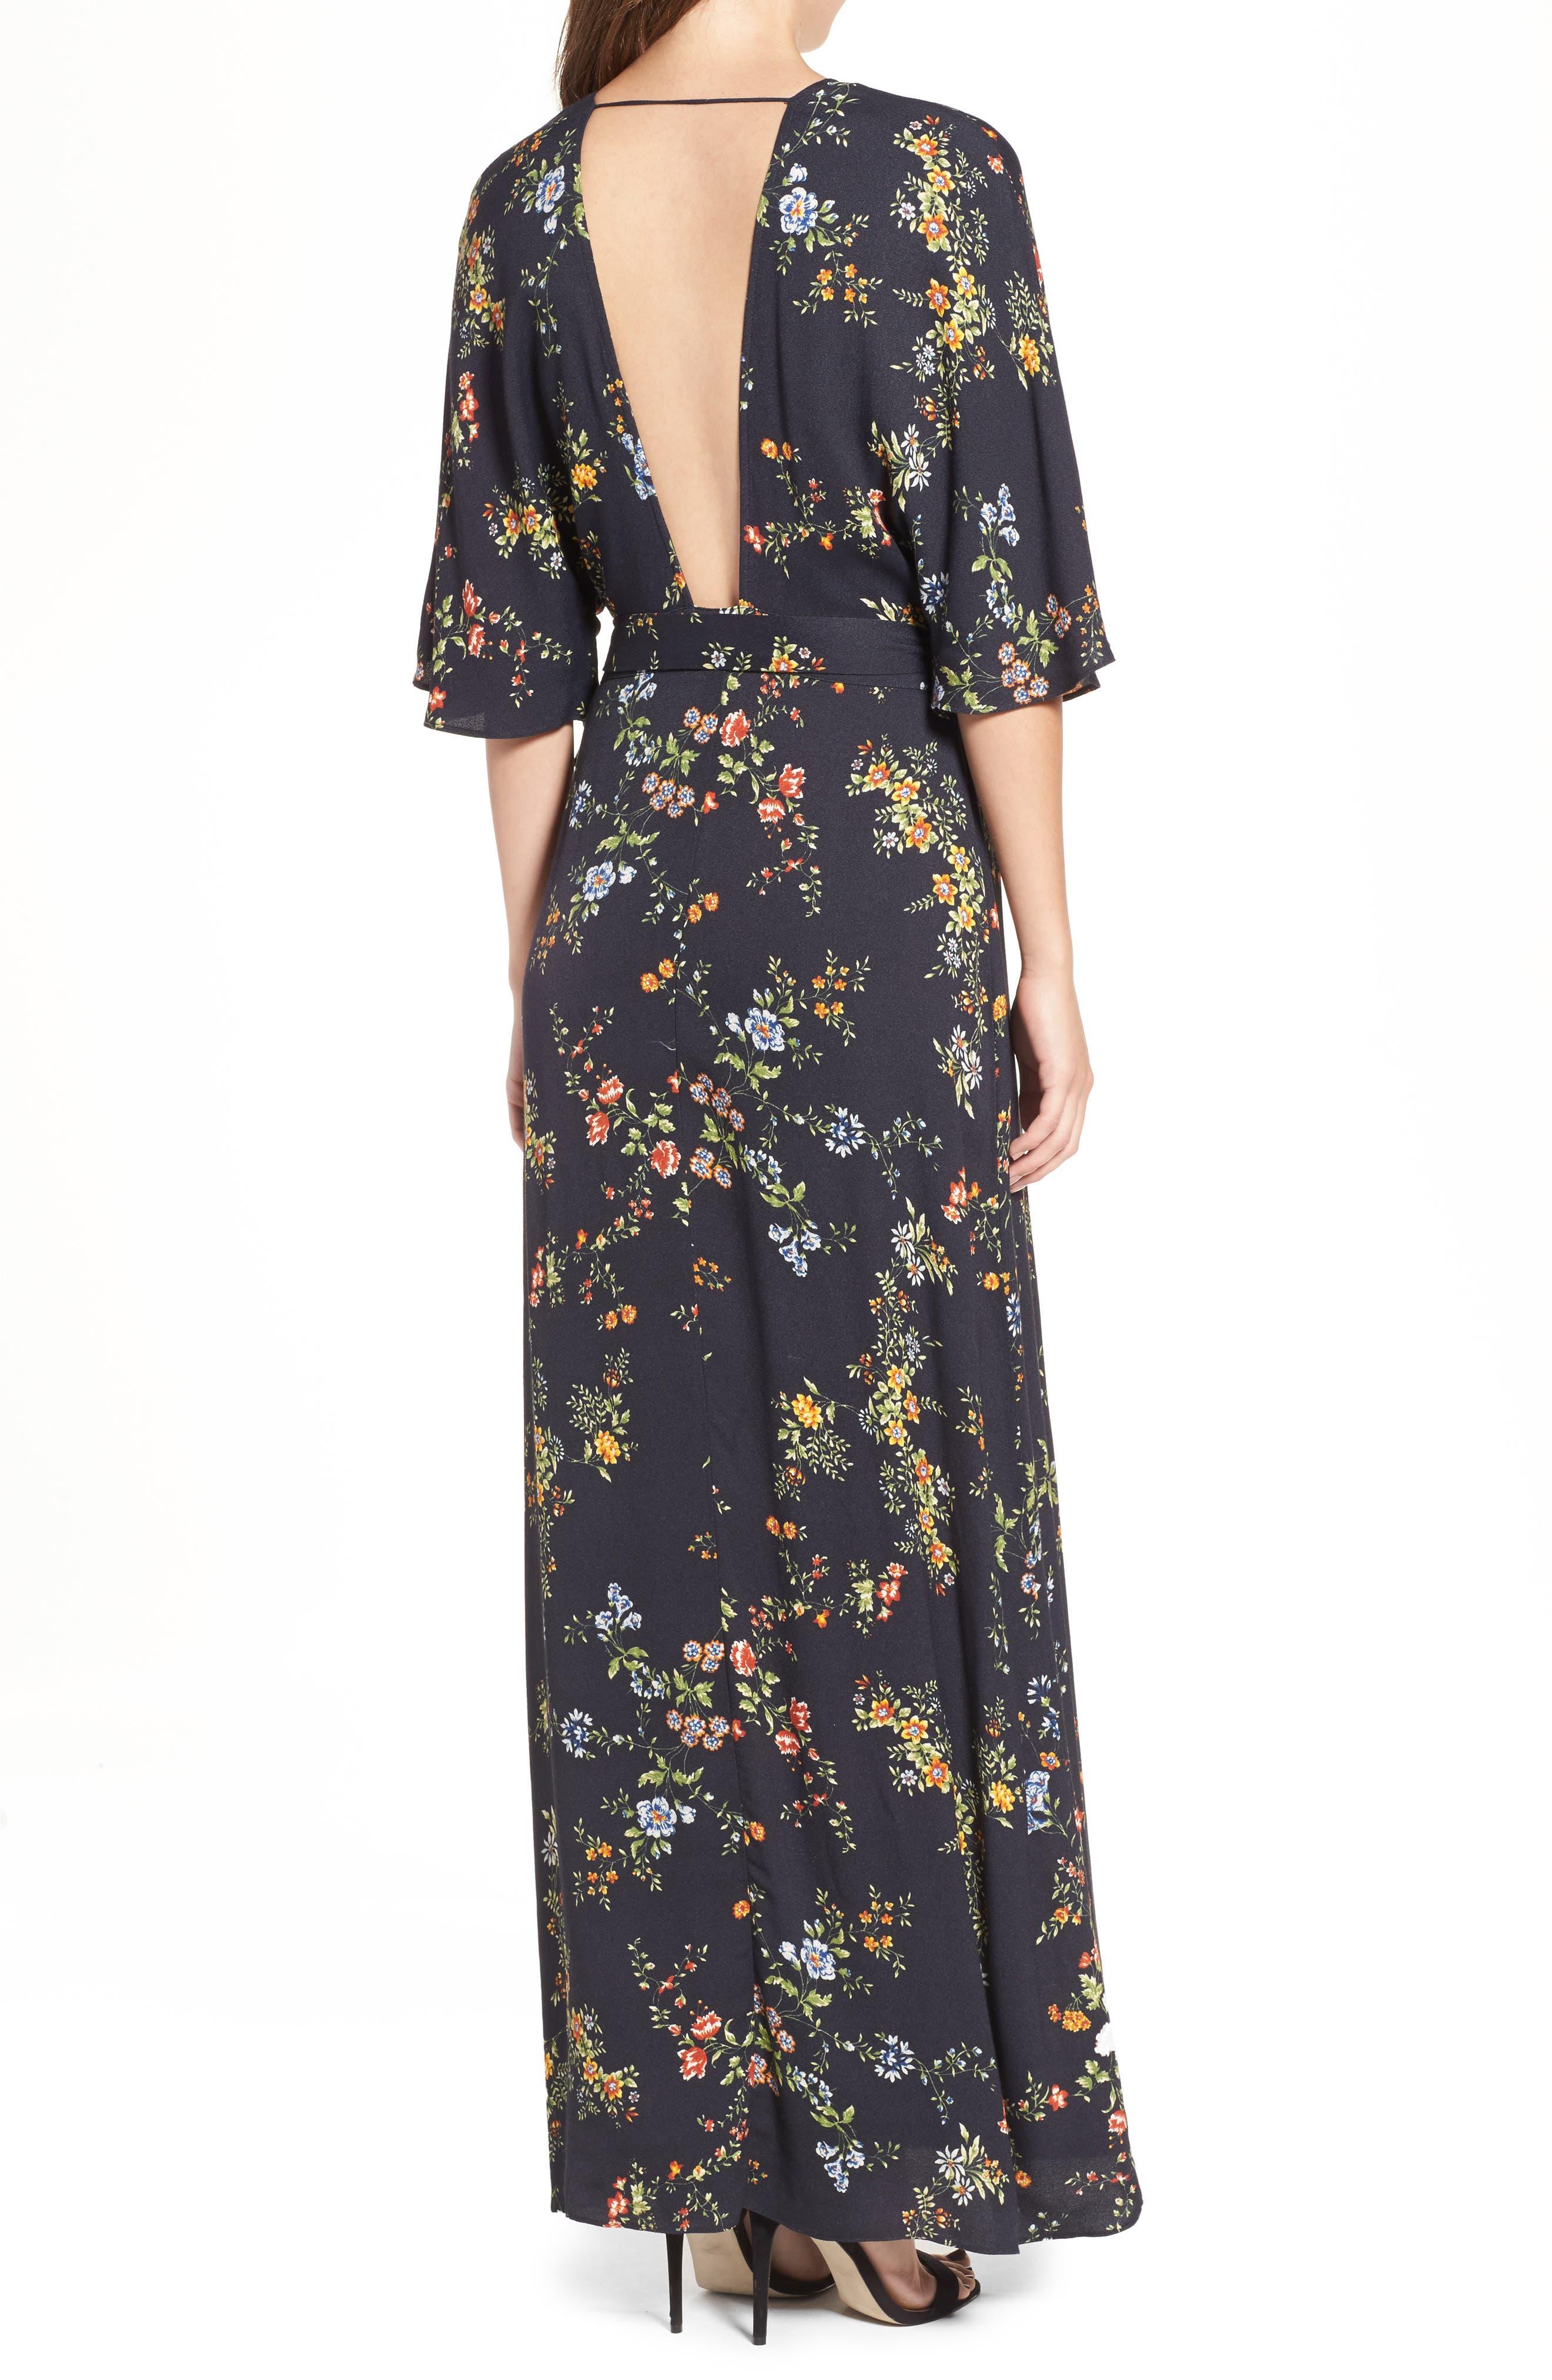 AFRM,                             Monroe Wrap Dress,                             Alternate thumbnail 2, color,                             001